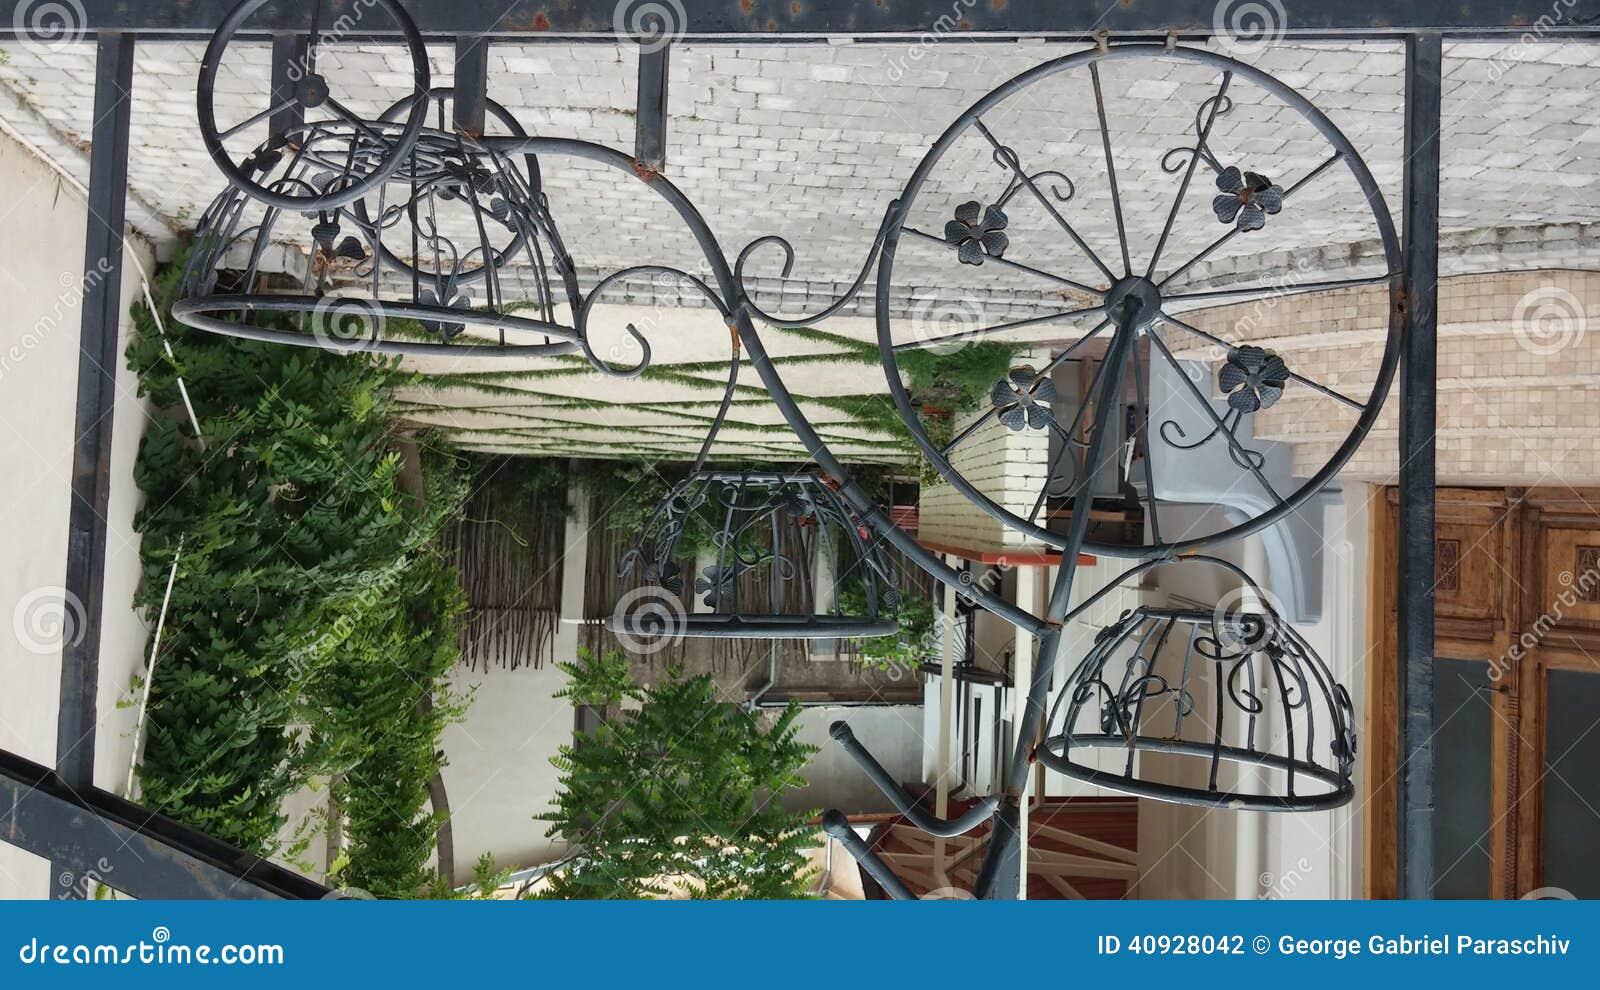 Cerca Do Ferro - Bicicleta Foto de Stock - Imagem: 40928042